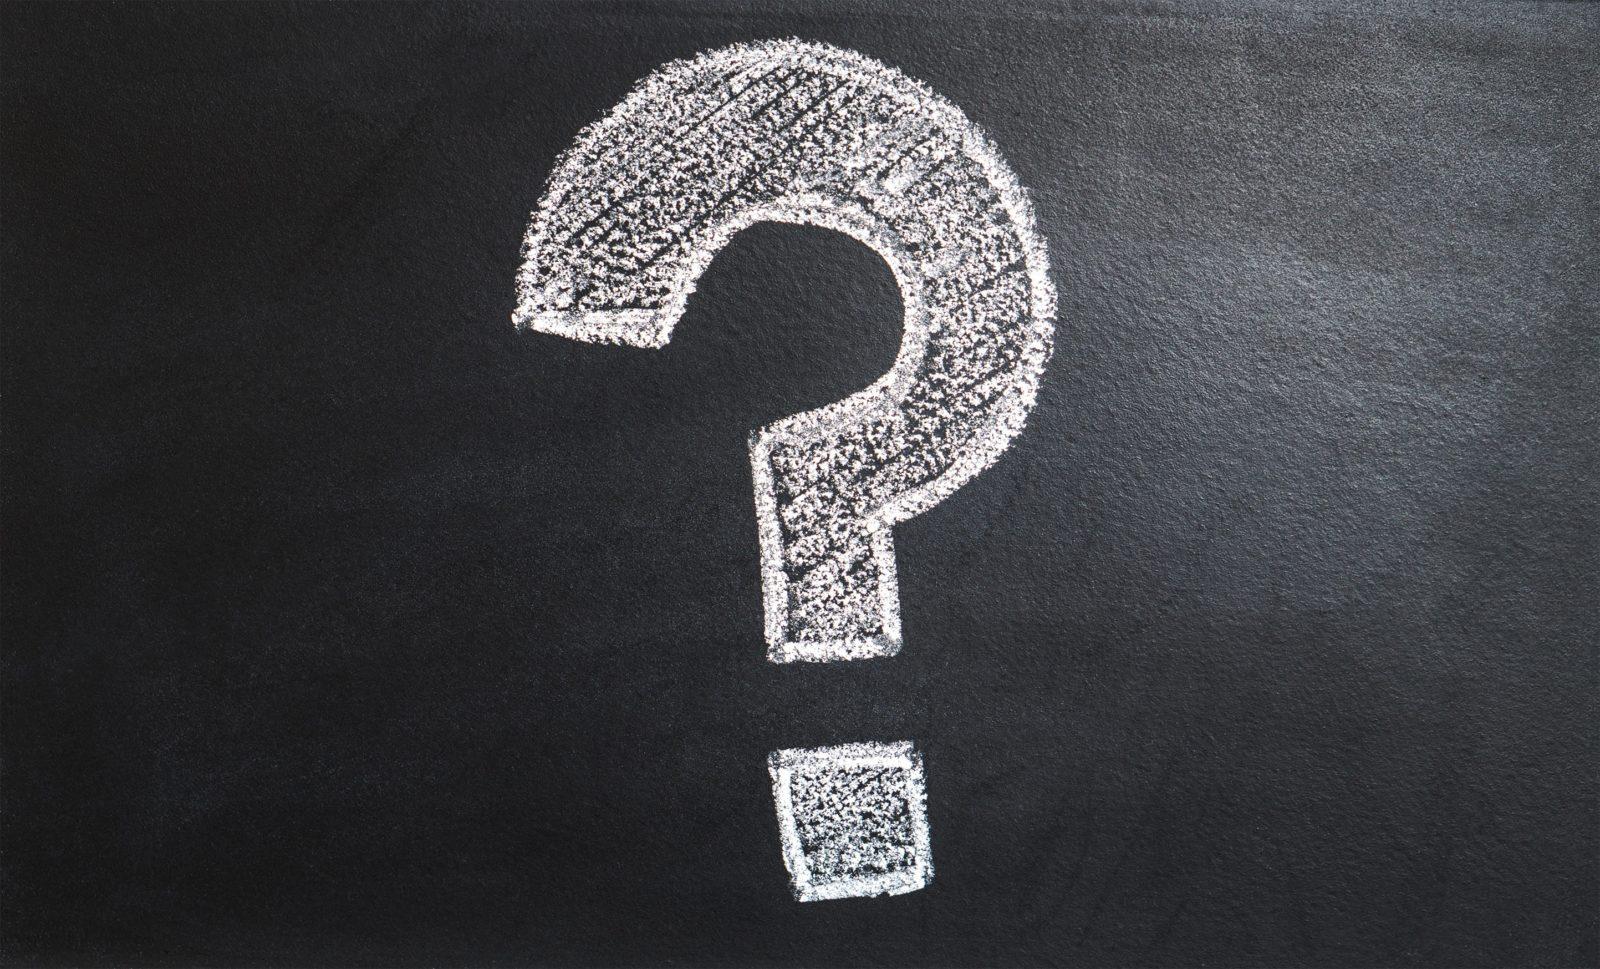 Questions on Blackboard